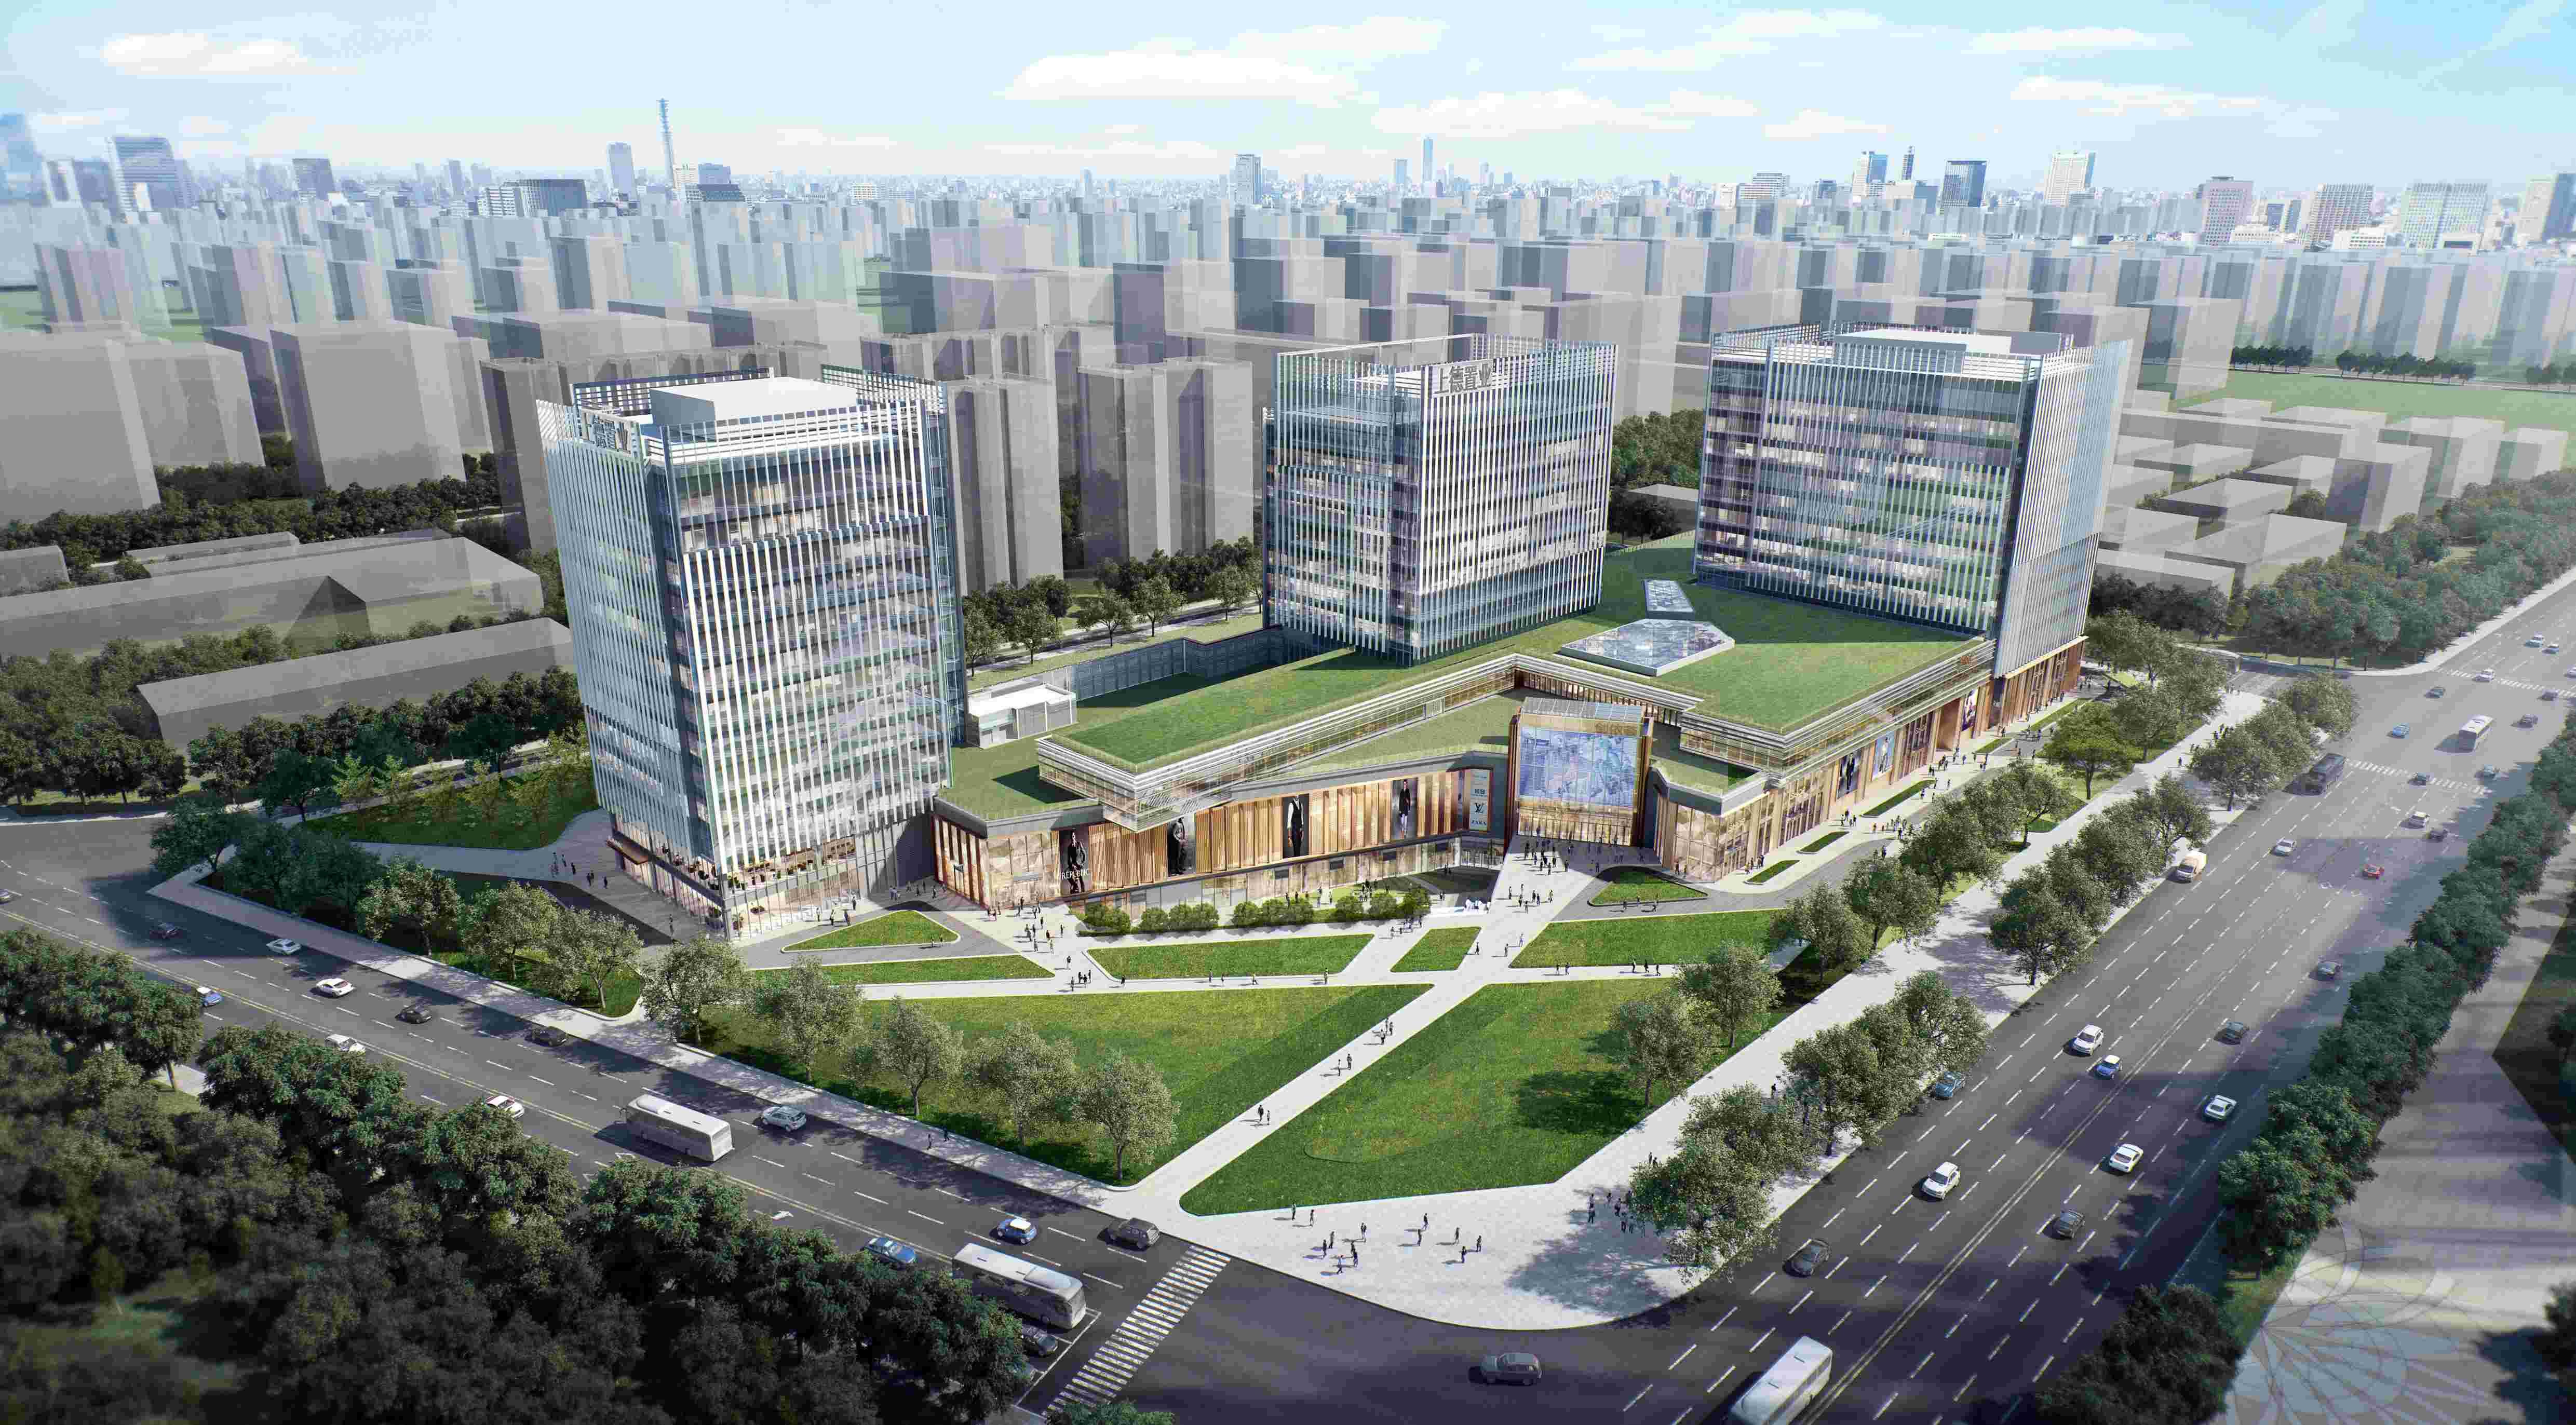 更具艺术性的多元商业综合体上德中心预计2021年正式开业